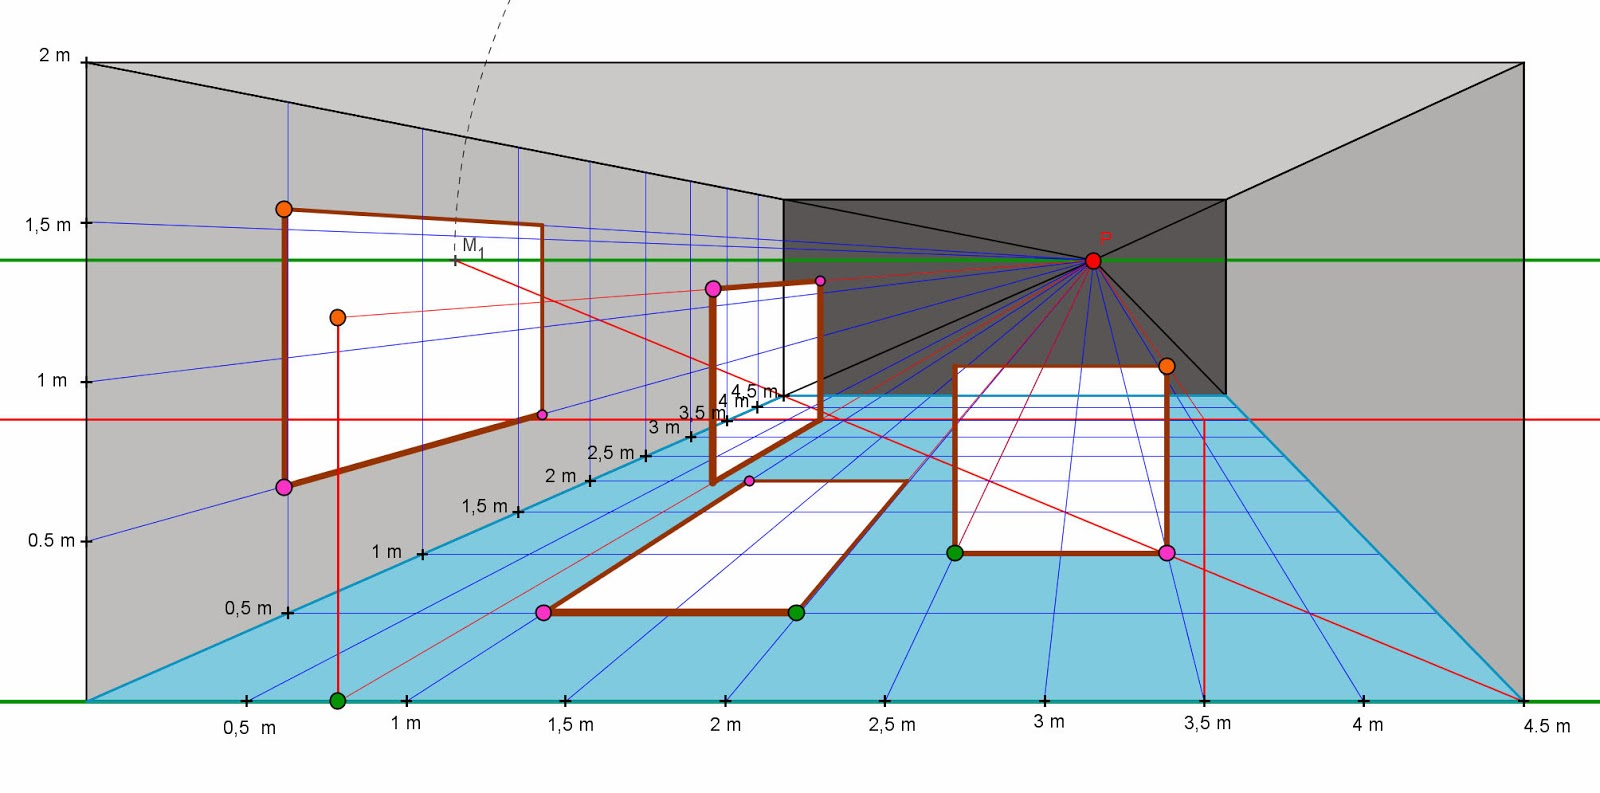 Pl stica en el frica perspectiva c nica frontal - Habitacion en perspectiva conica ...